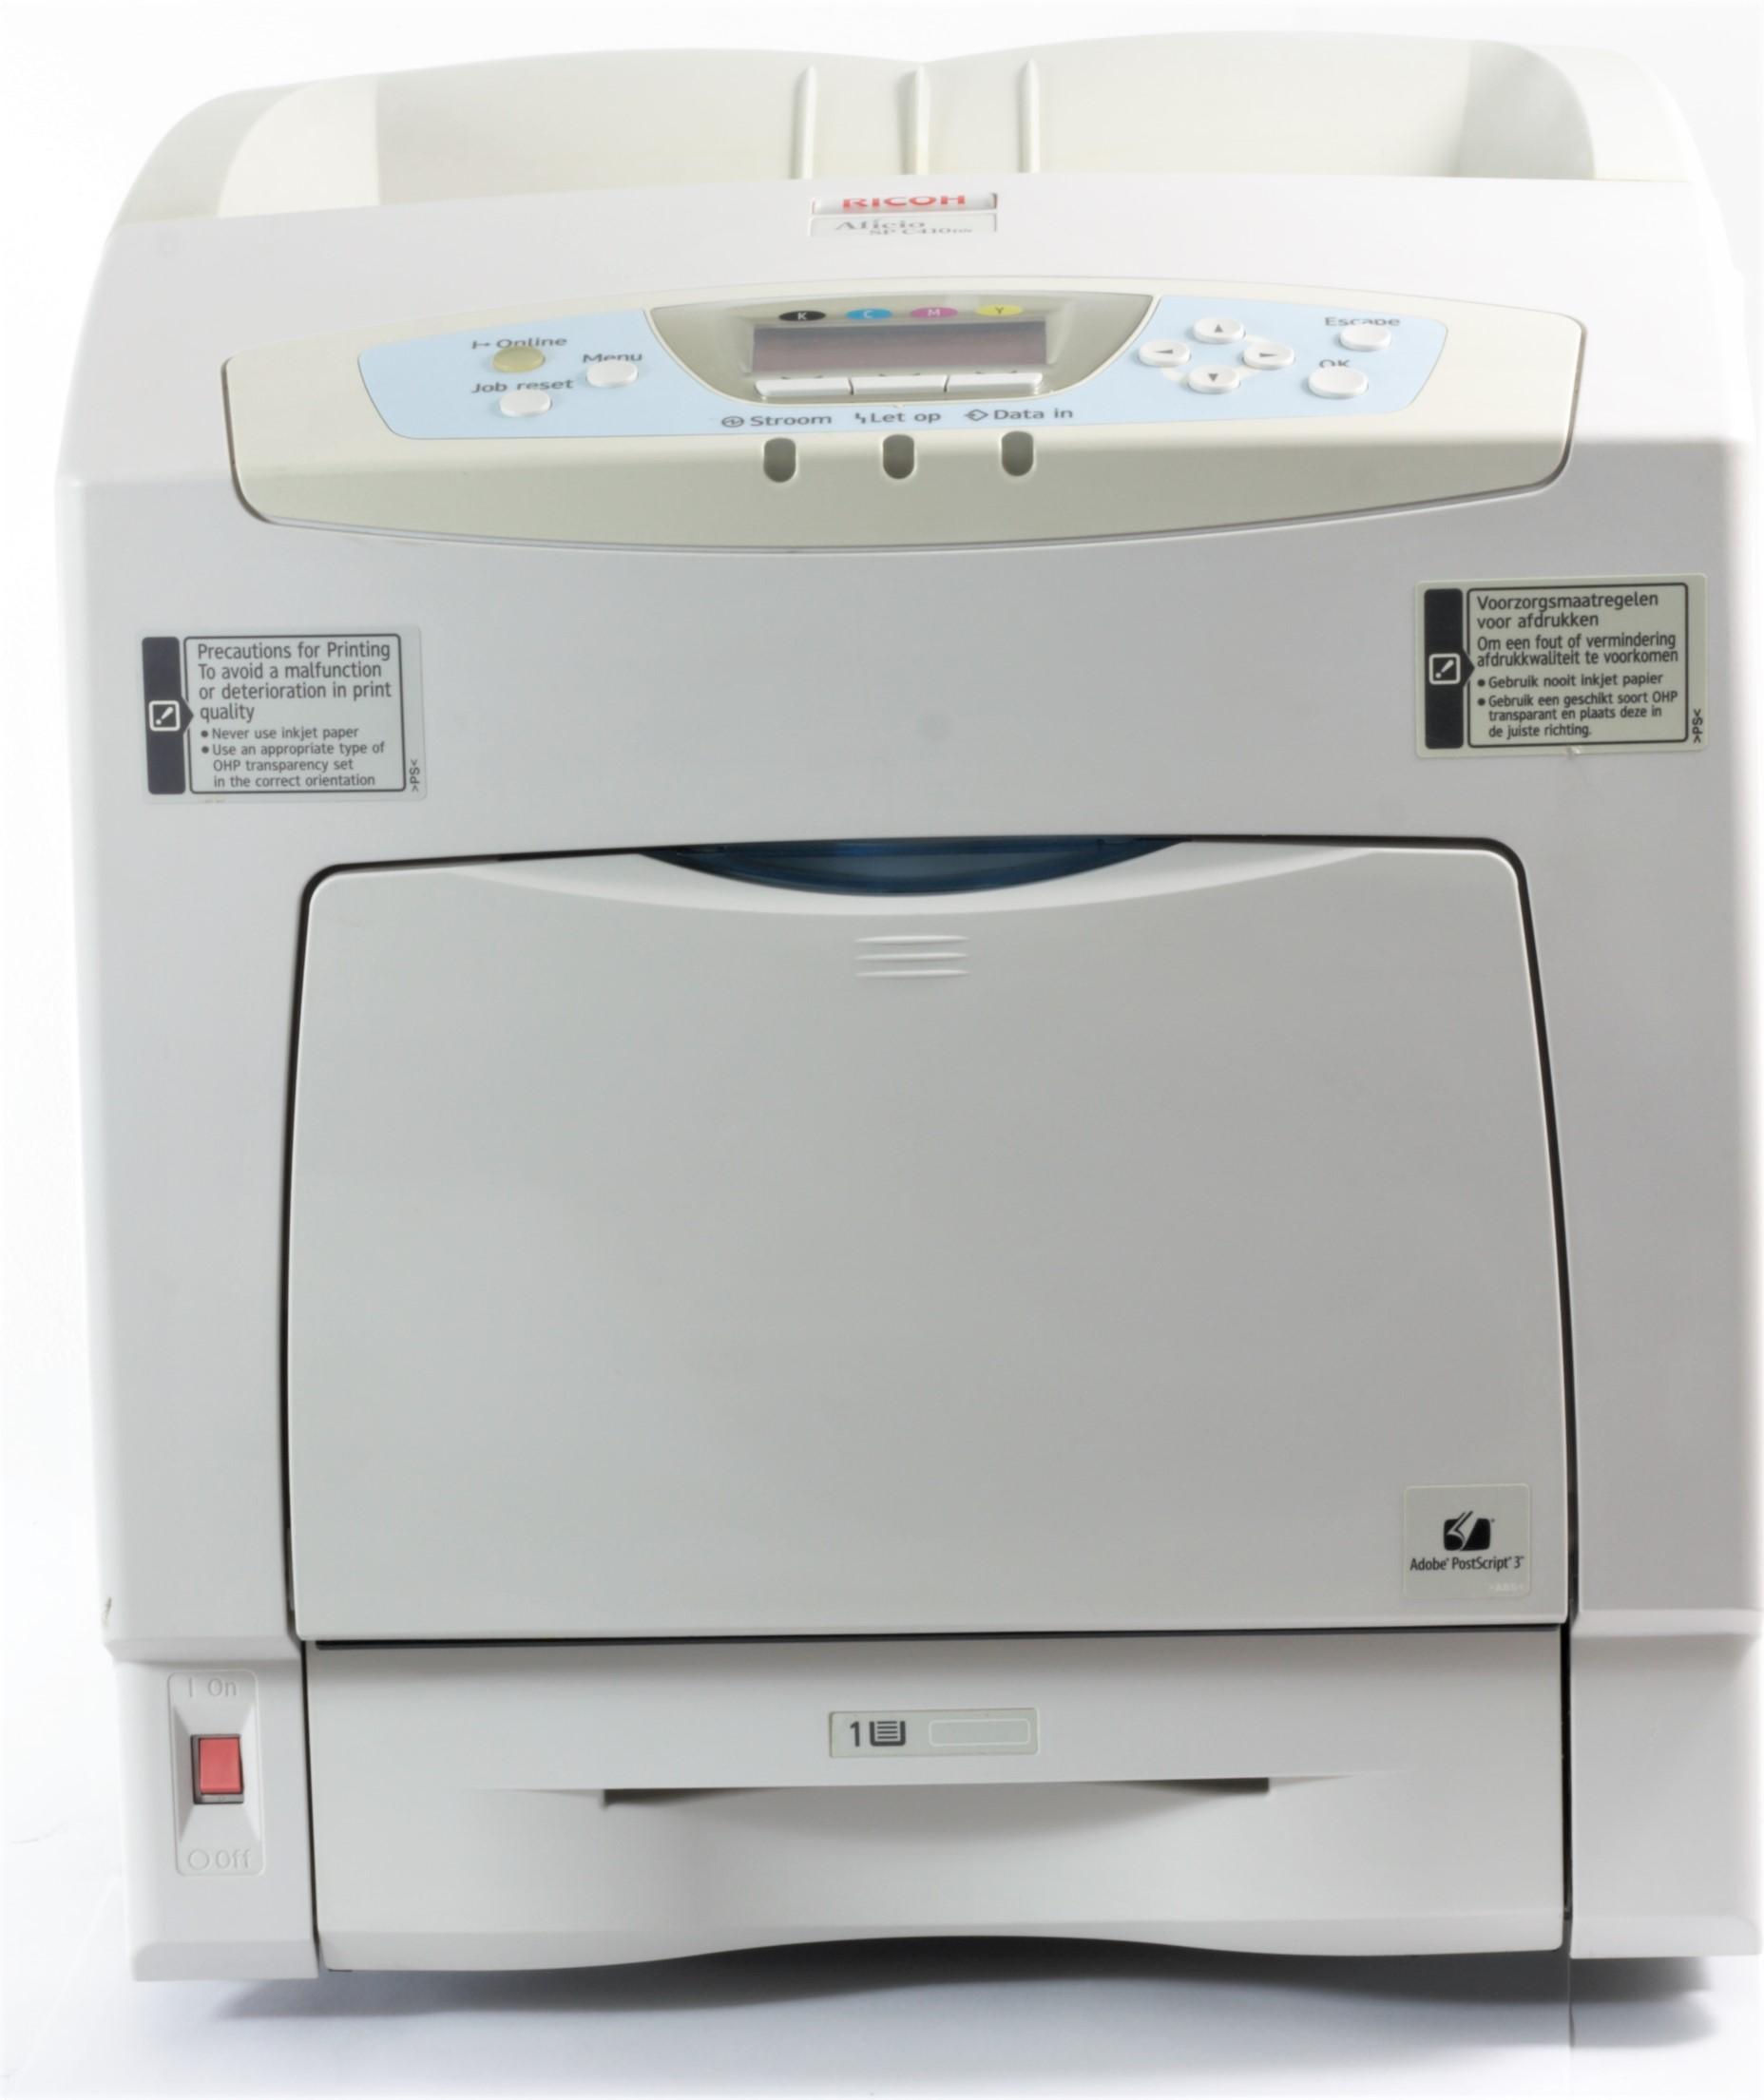 Ricoh Aficio SP C410DN Color Drucker Laserdrucker gebraucht 143687